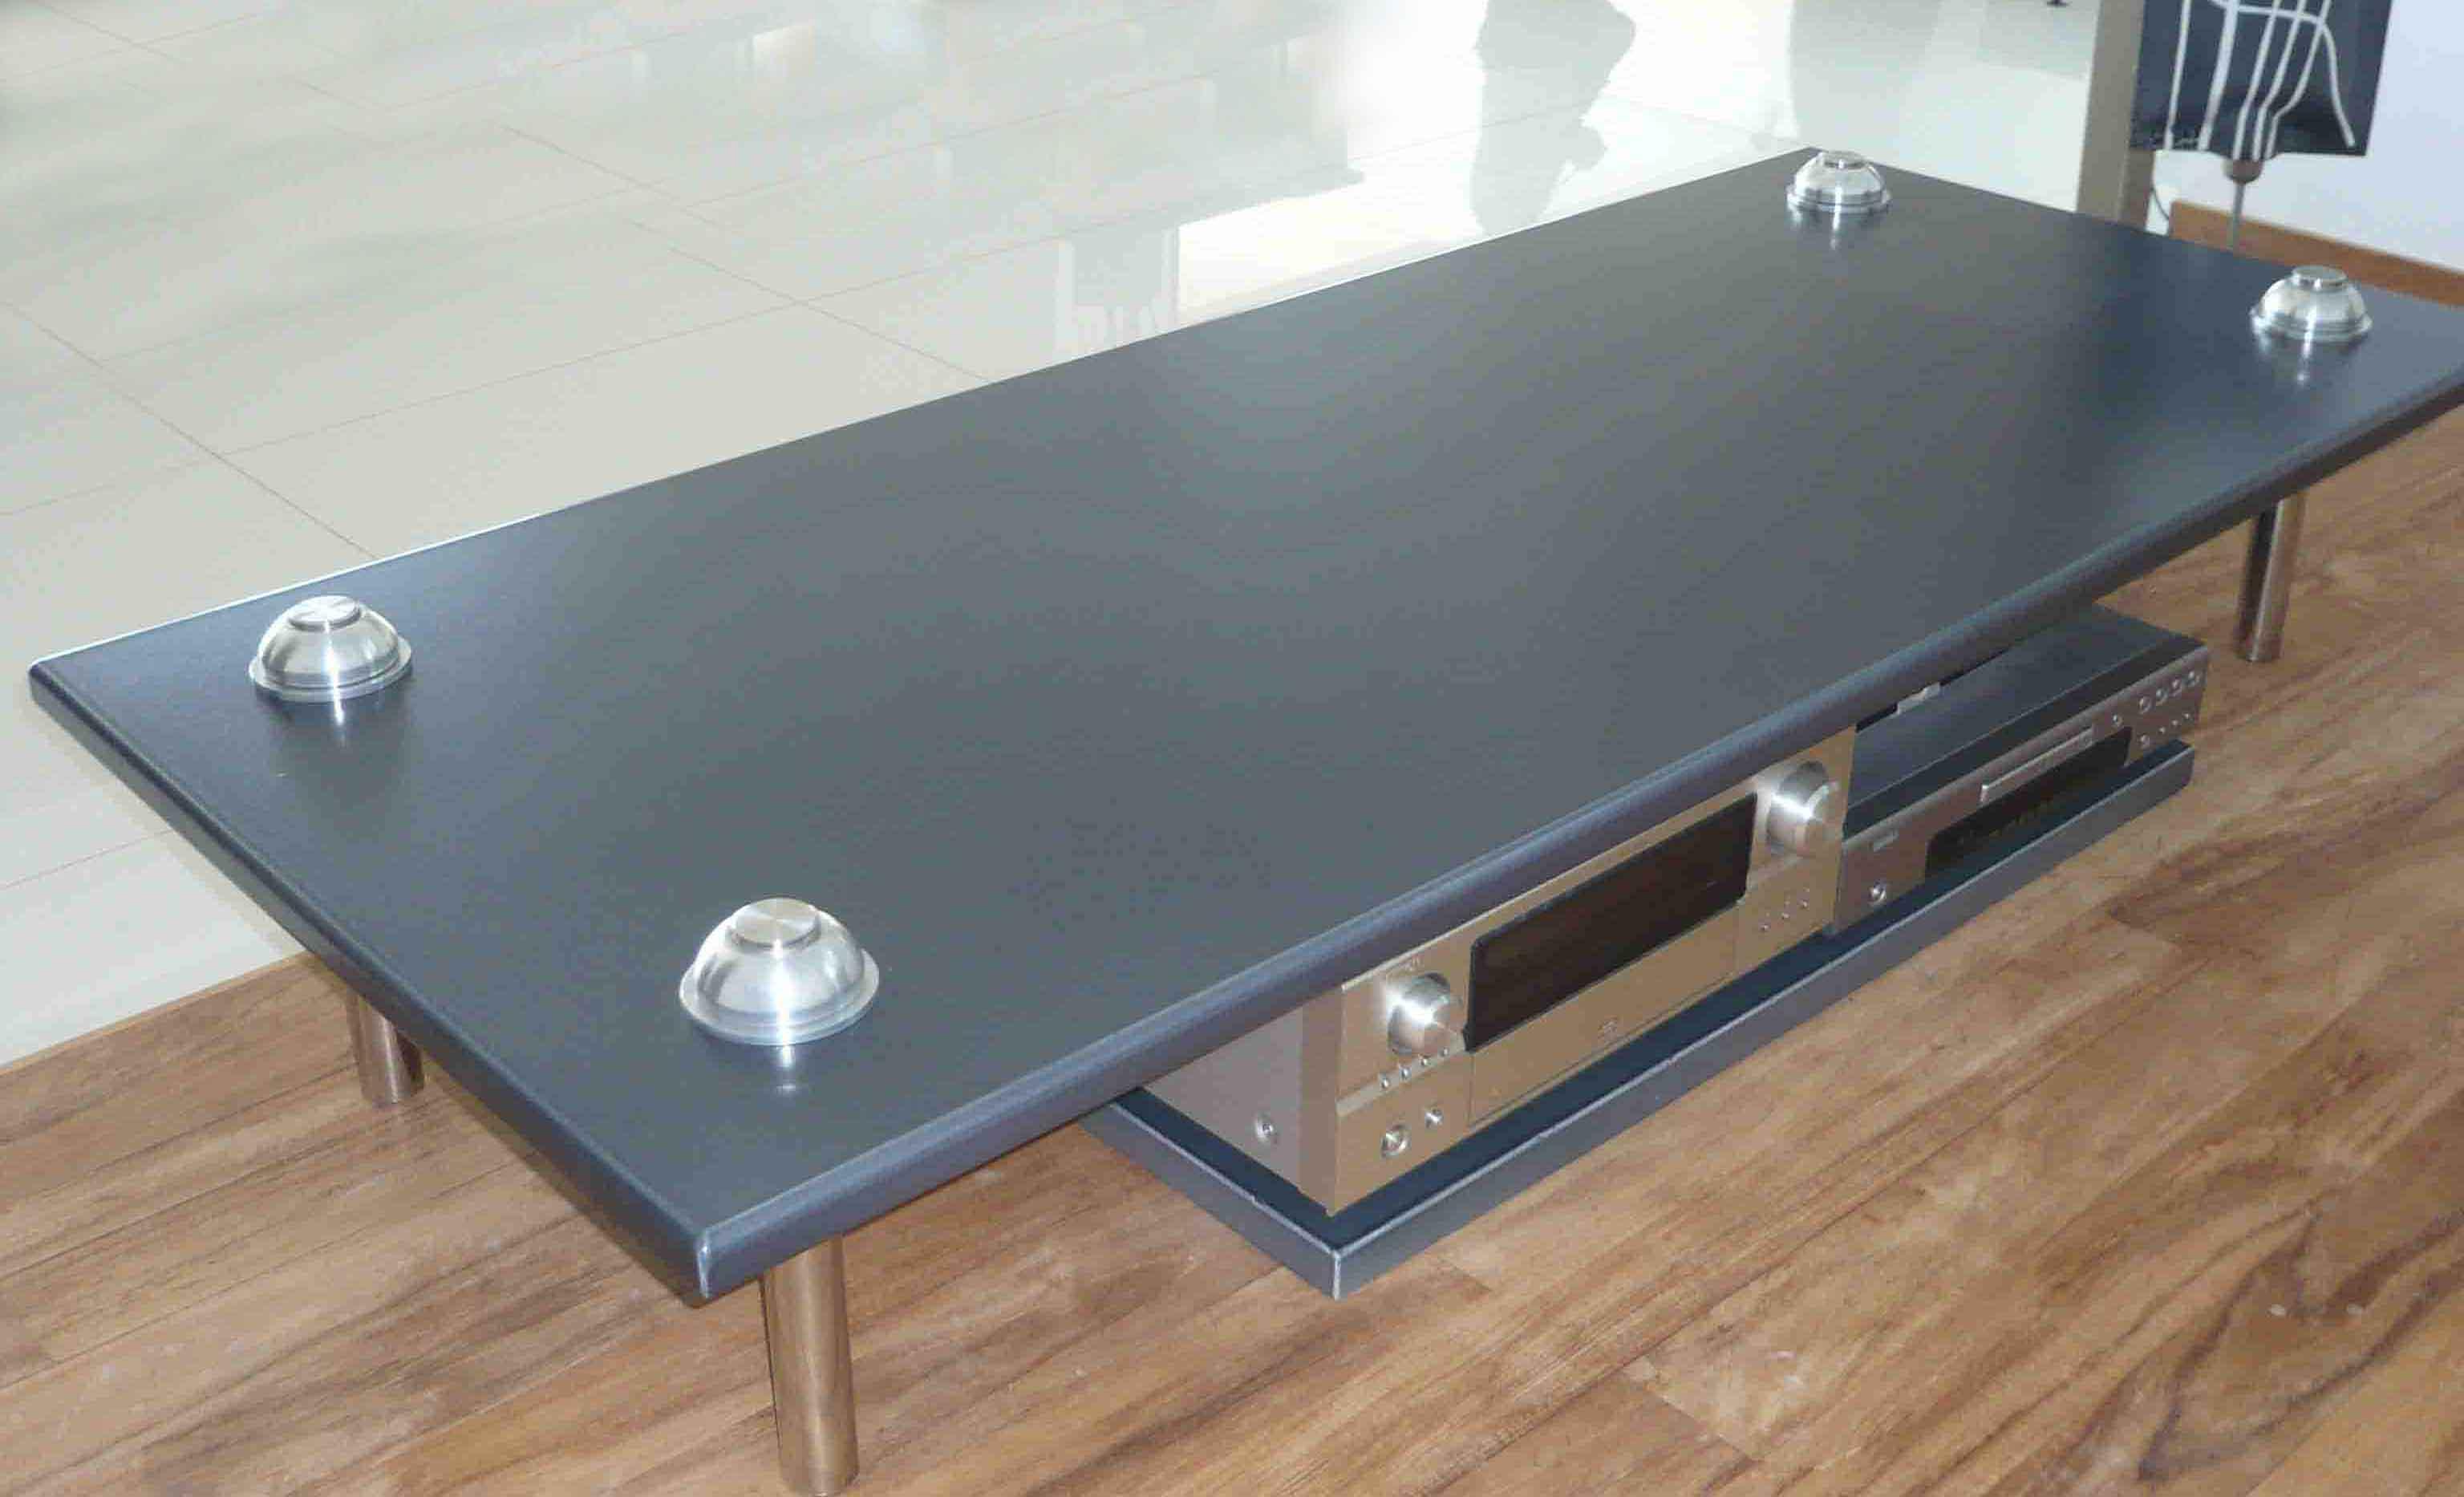 Table basse pierre de lave émaillée noir MAT pied INOX